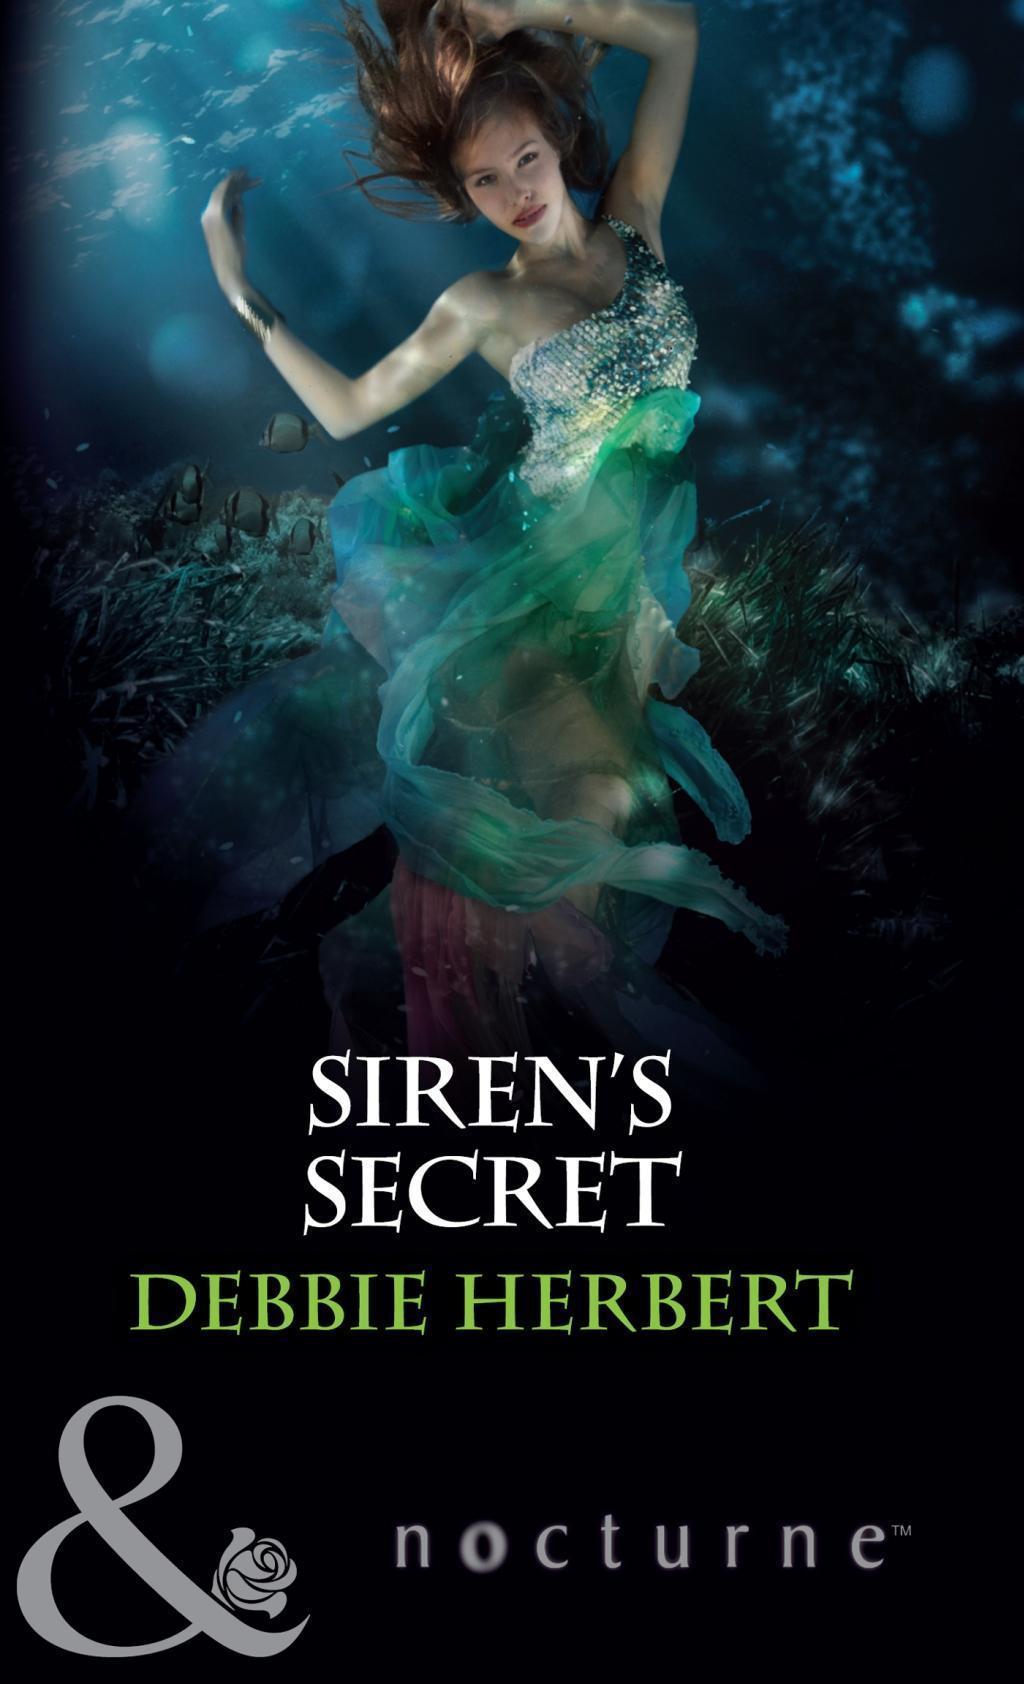 Siren's Secret (Mills & Boon Nocturne)